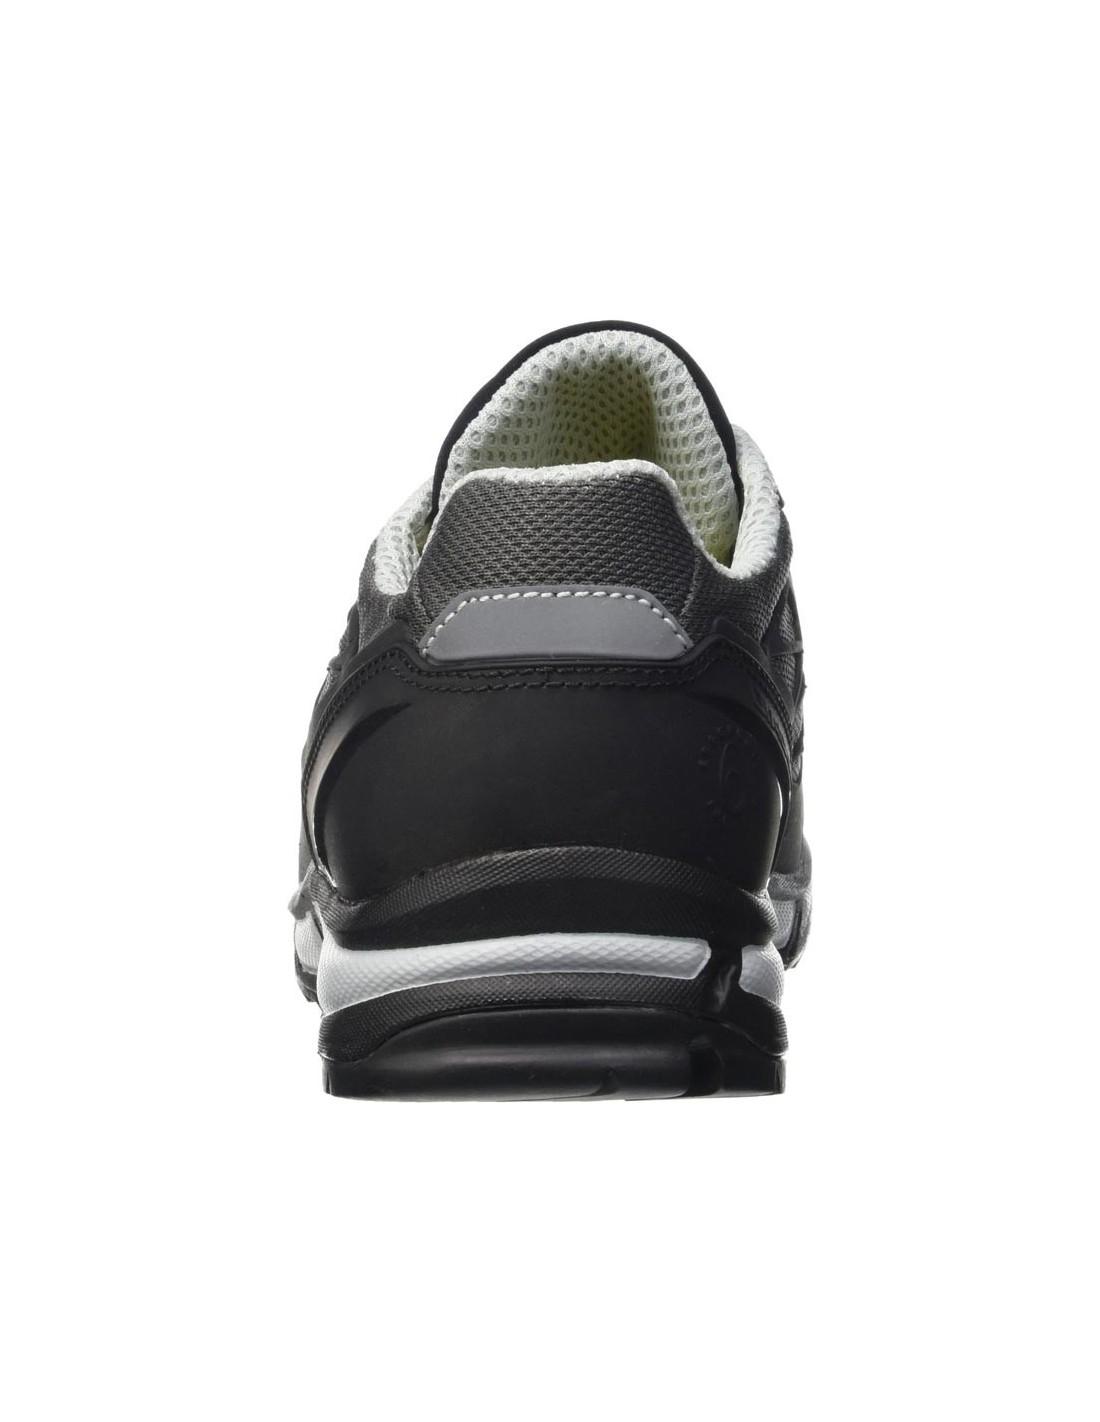 Compra scarpe antinfortunistiche Diadora D.Trail S3 Grigionero